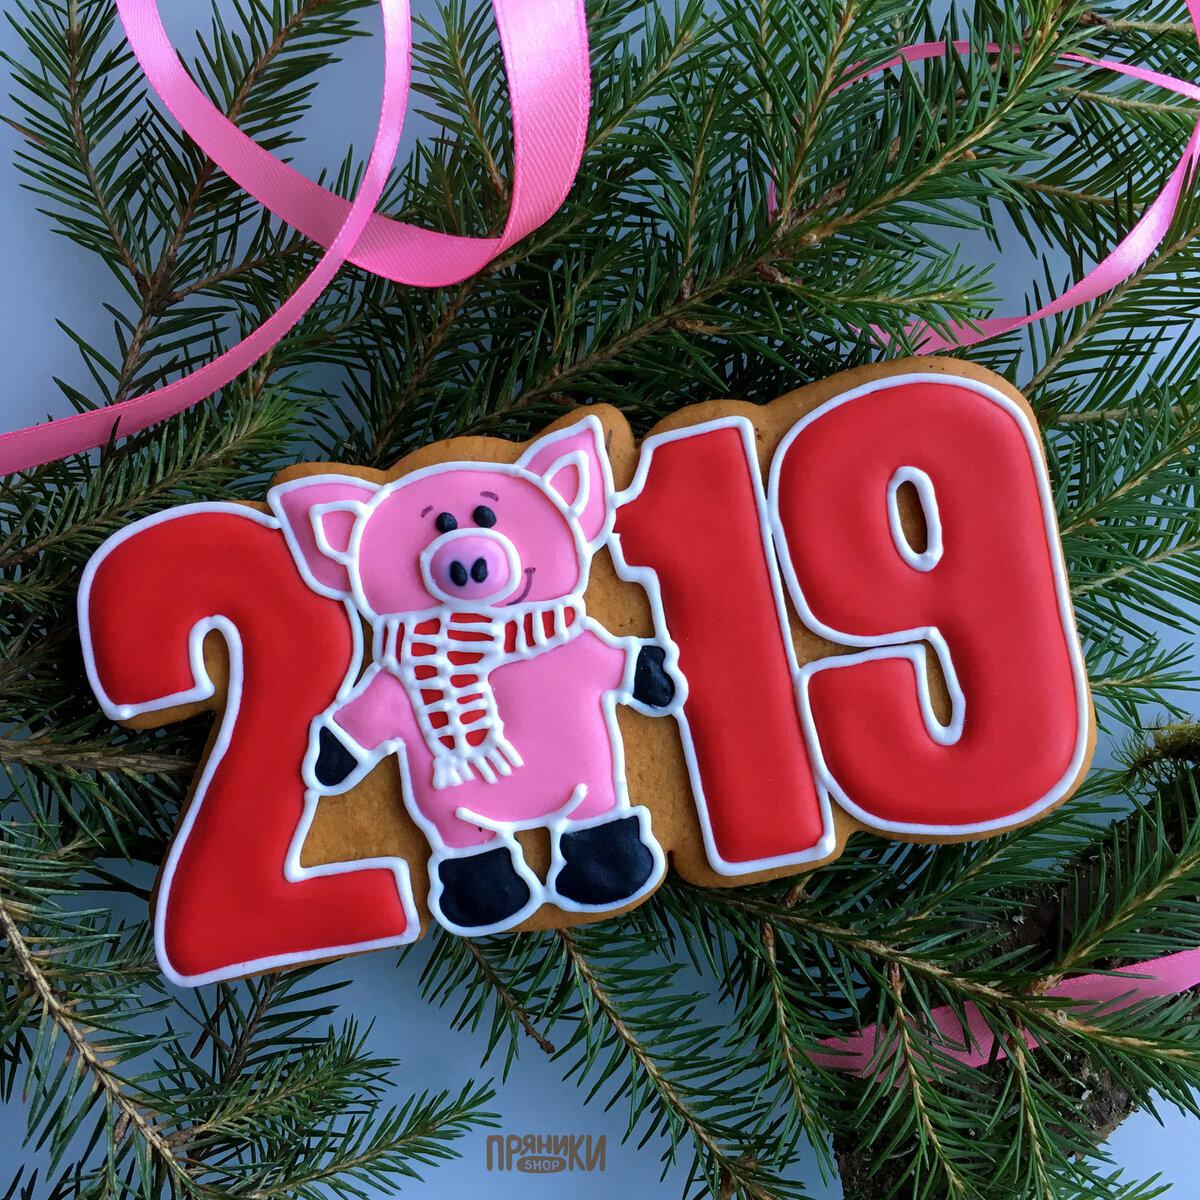 Днем, картинки с надписями на новый год 2019